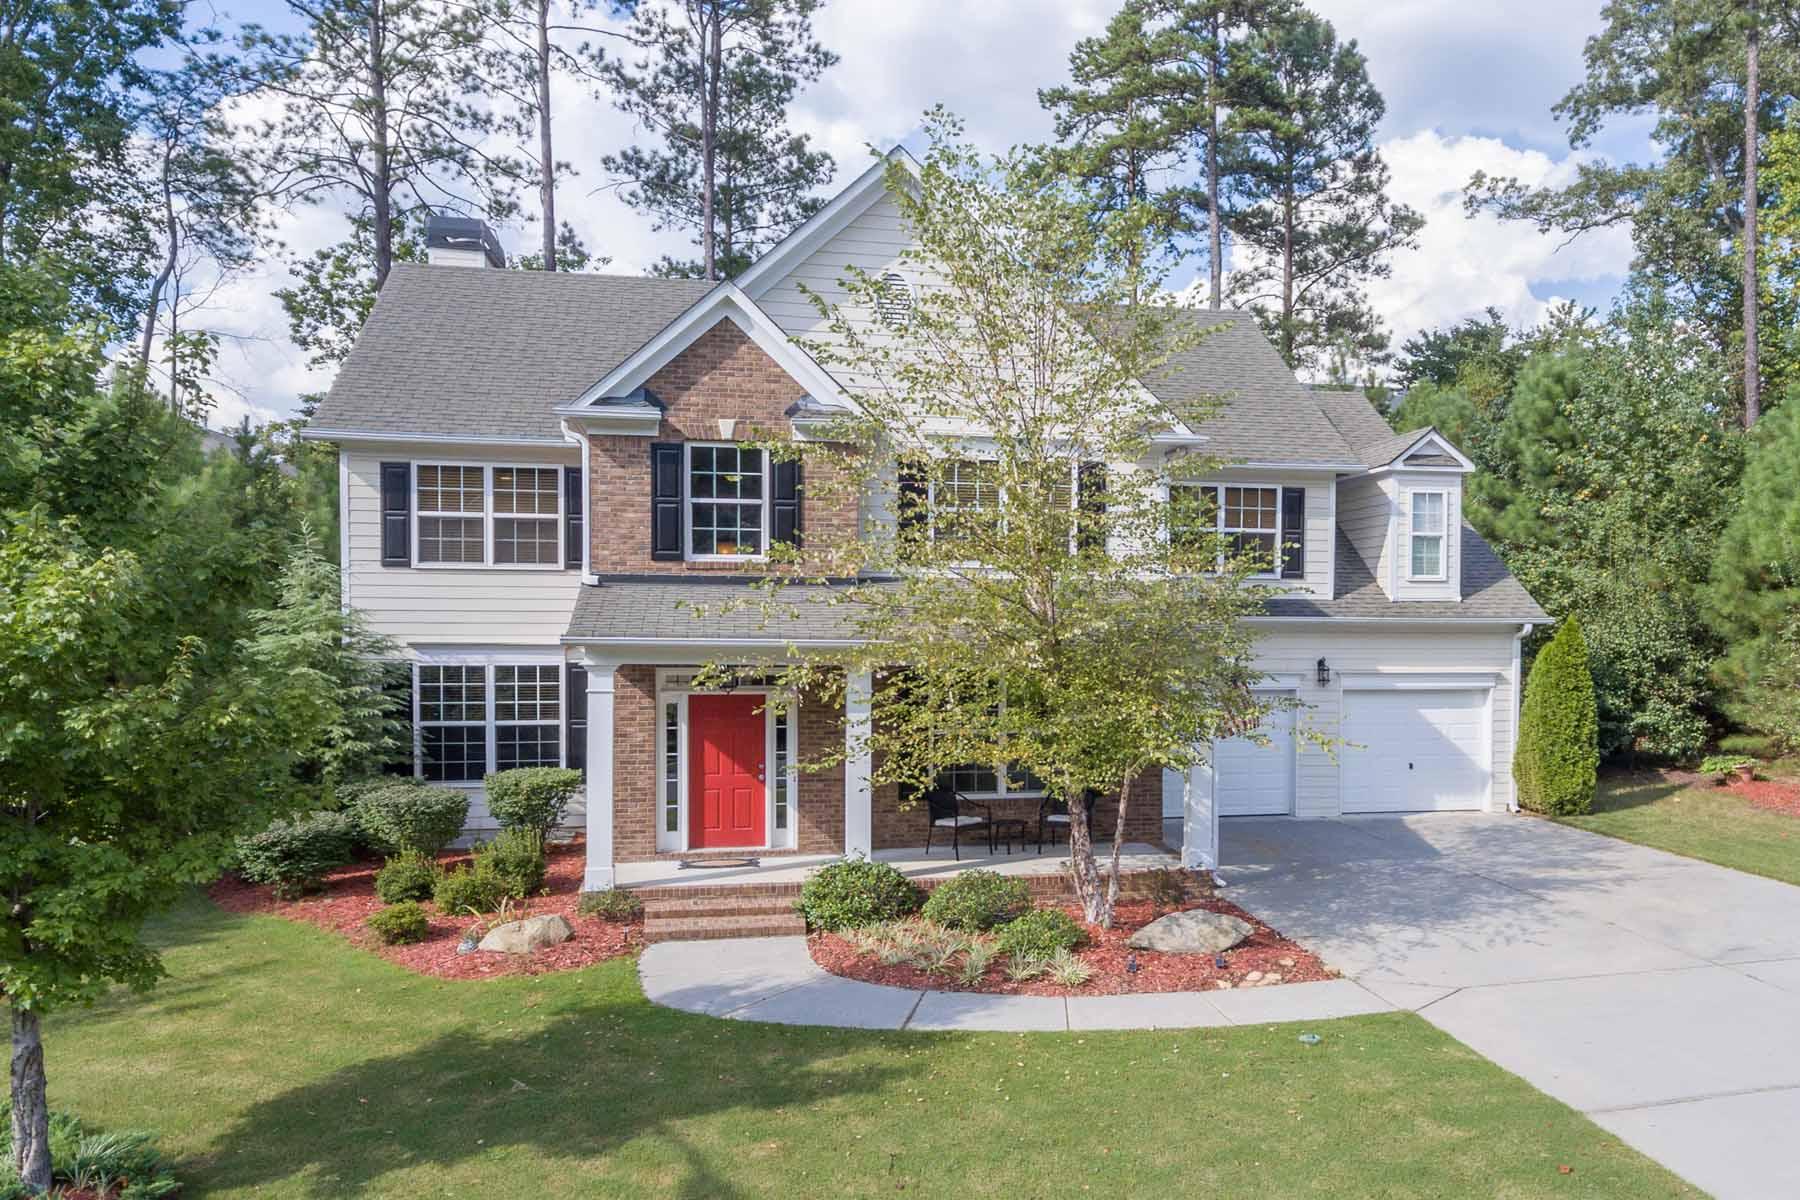 Casa para uma família para Venda às Offering The Best Of Suburban Living! 991 Flagstone Way Acworth, Geórgia, 30101 Estados Unidos